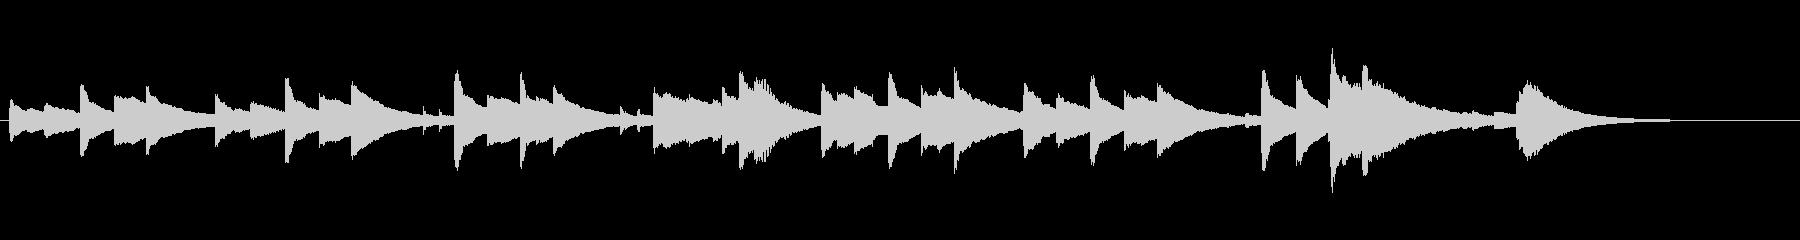 感動系オルゴールの未再生の波形